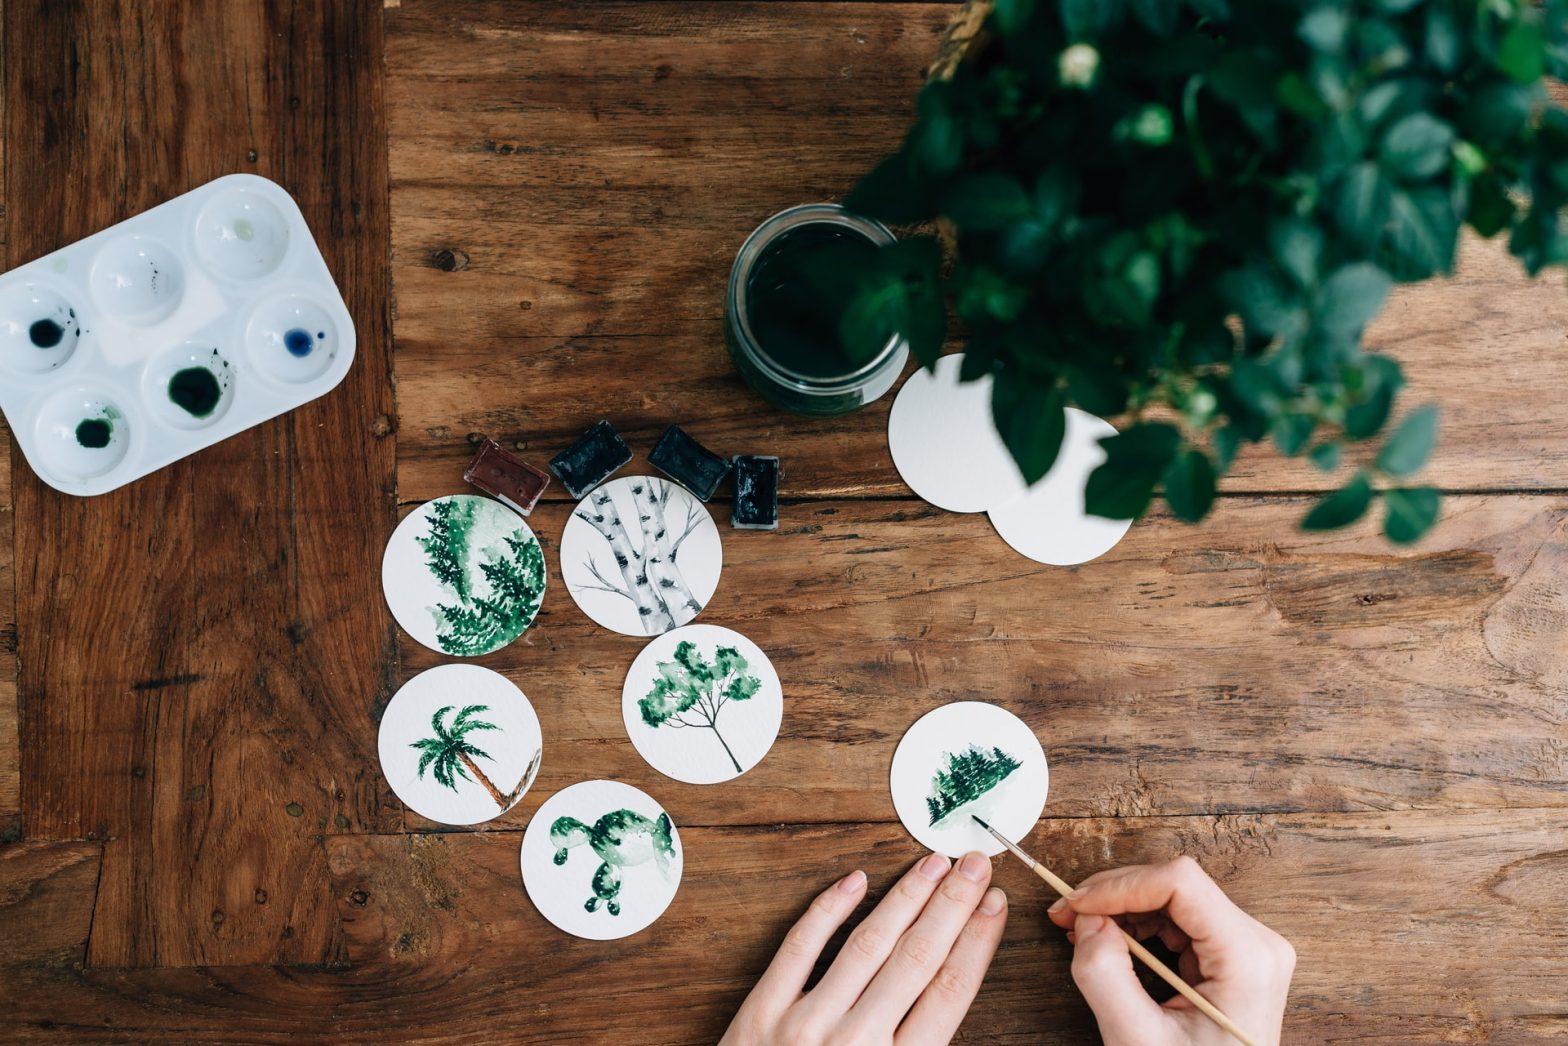 Mani che pitturano mini medaglioni con motivi floreali